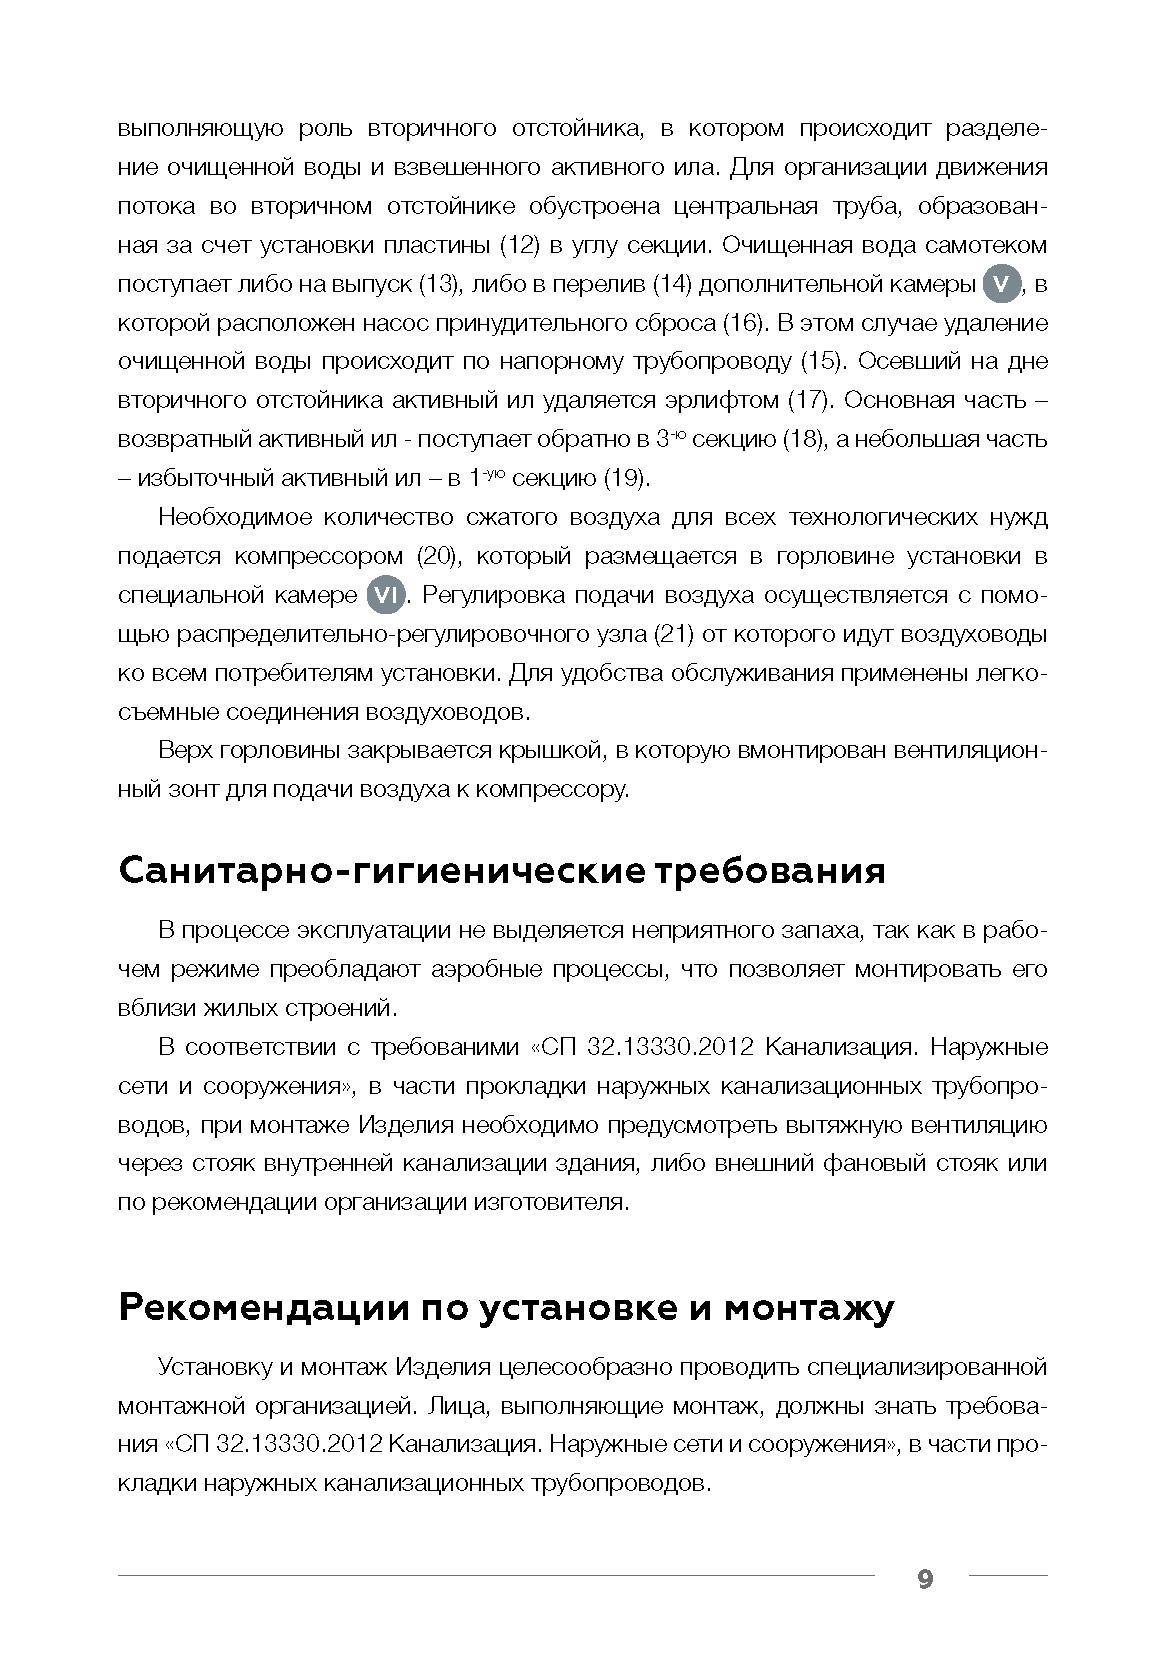 Технический паспорт Евролос Про_Страница_11